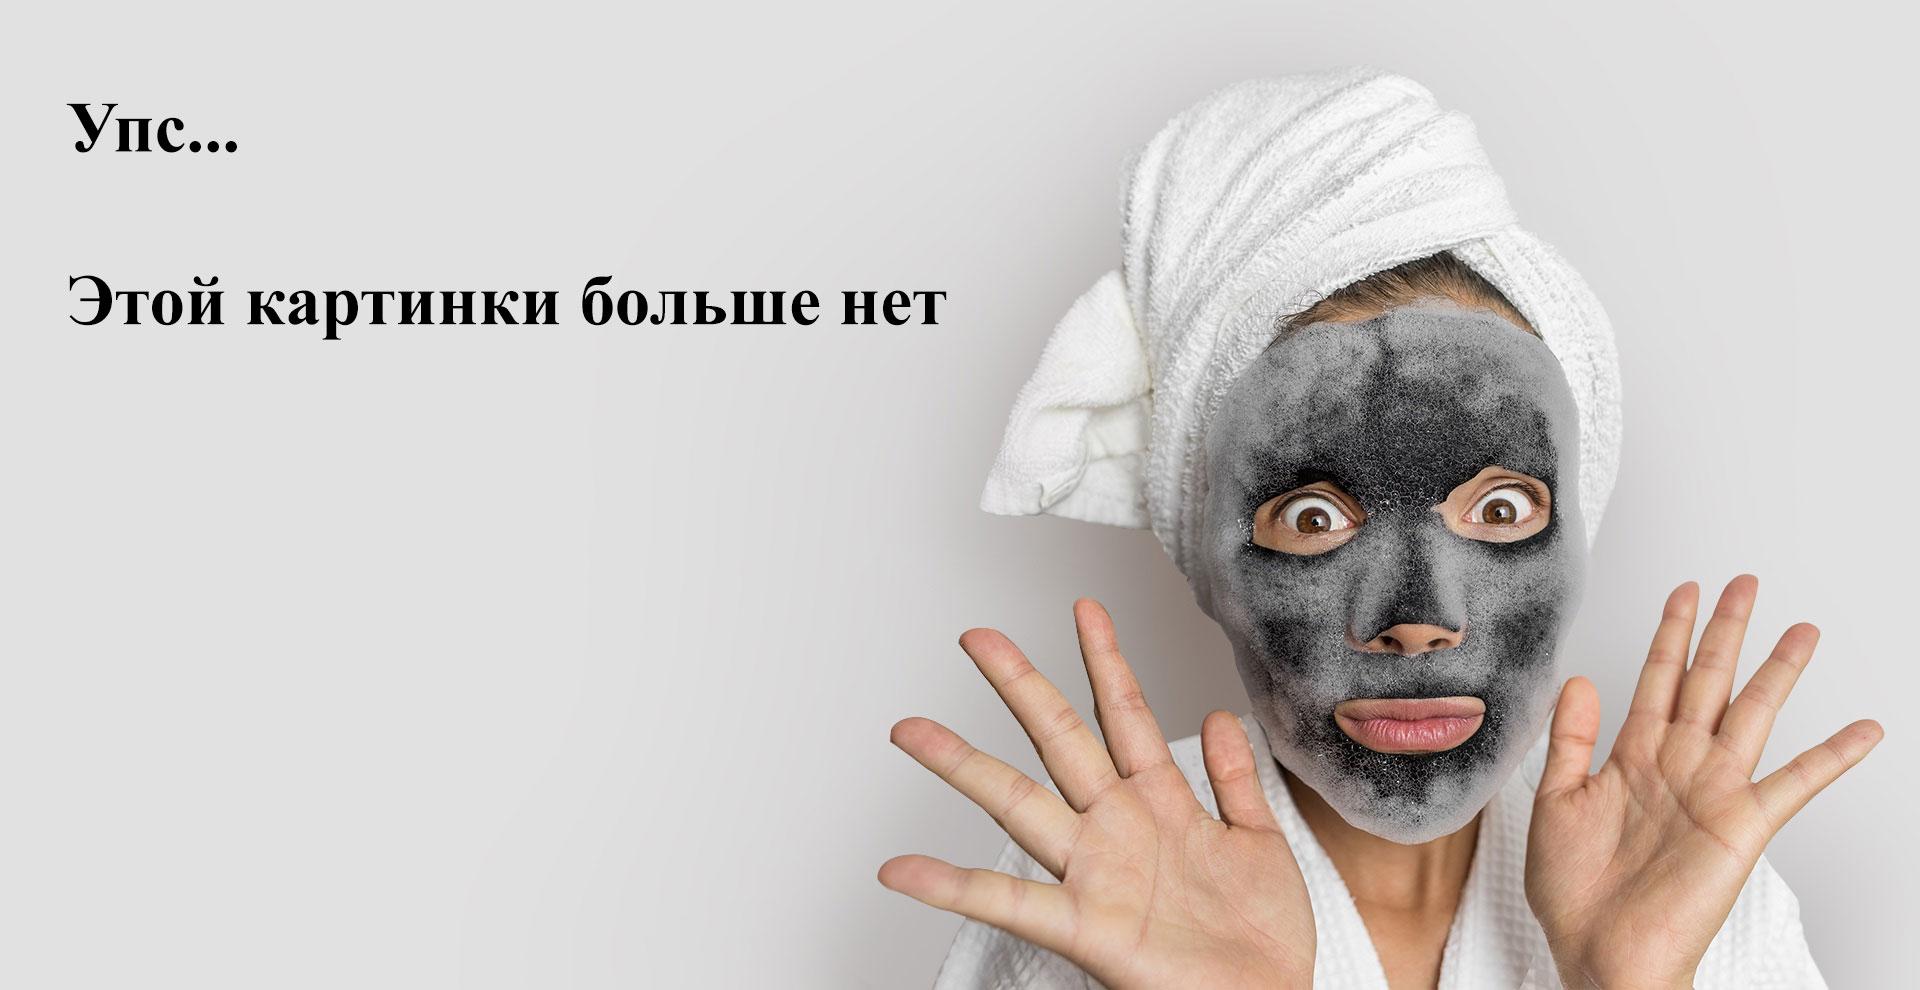 Siberina, Сыворотка для лица «Безупречная кожа», 30 мл